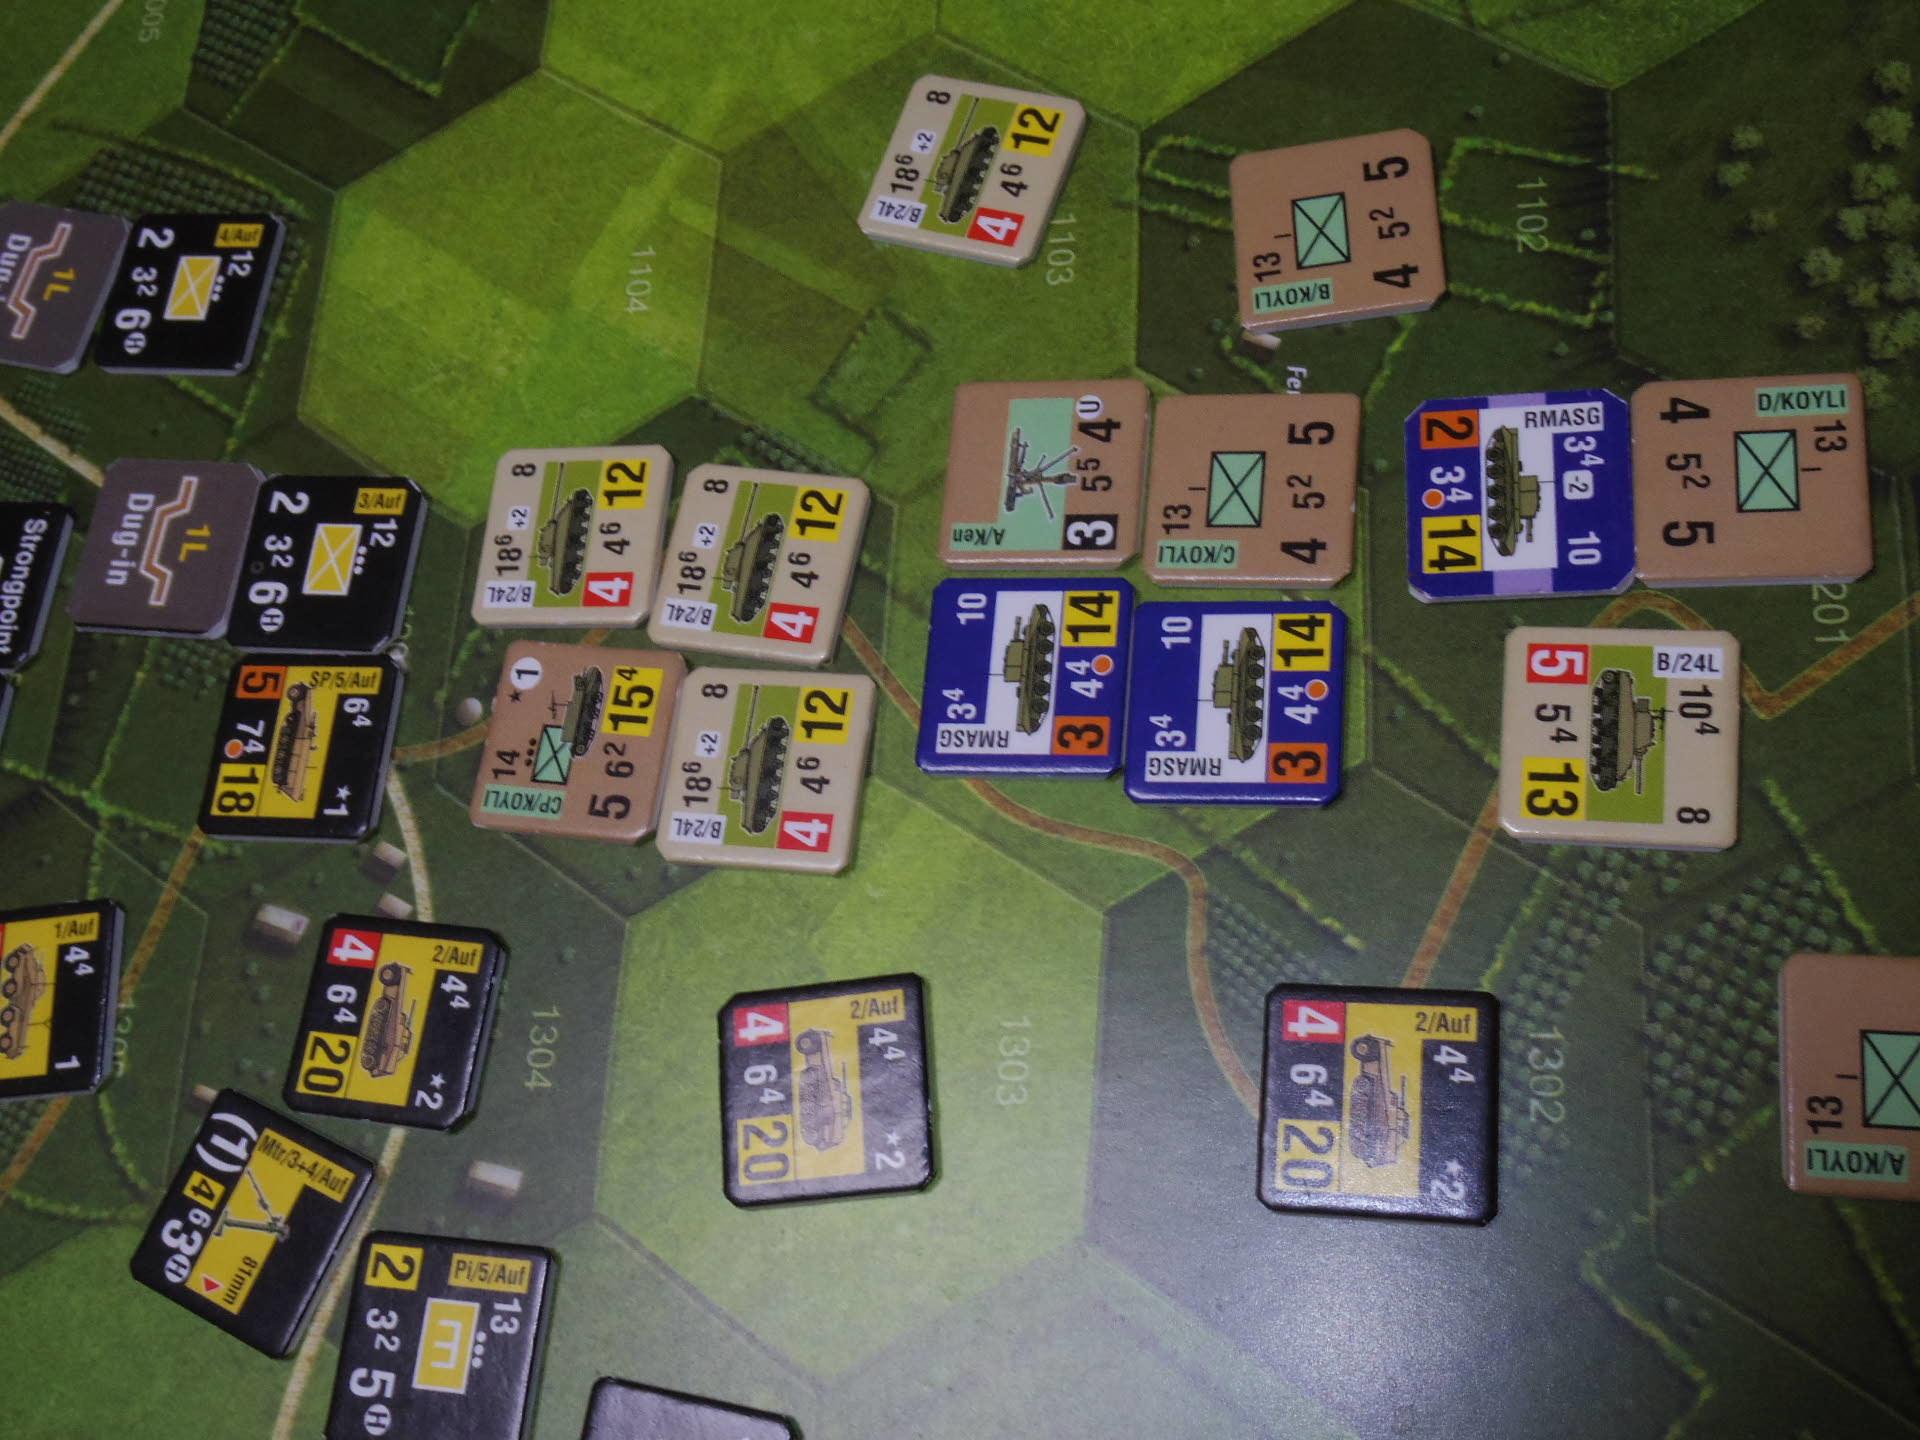 (GMT)ドーントレス作戦:練習シナリオ3「Recon Roundup(偵察の仕上げ)」からシナリオ18.1「Nightmarish Crossroad(悪夢のクロスロード)」その㈠_b0173672_01190698.jpg